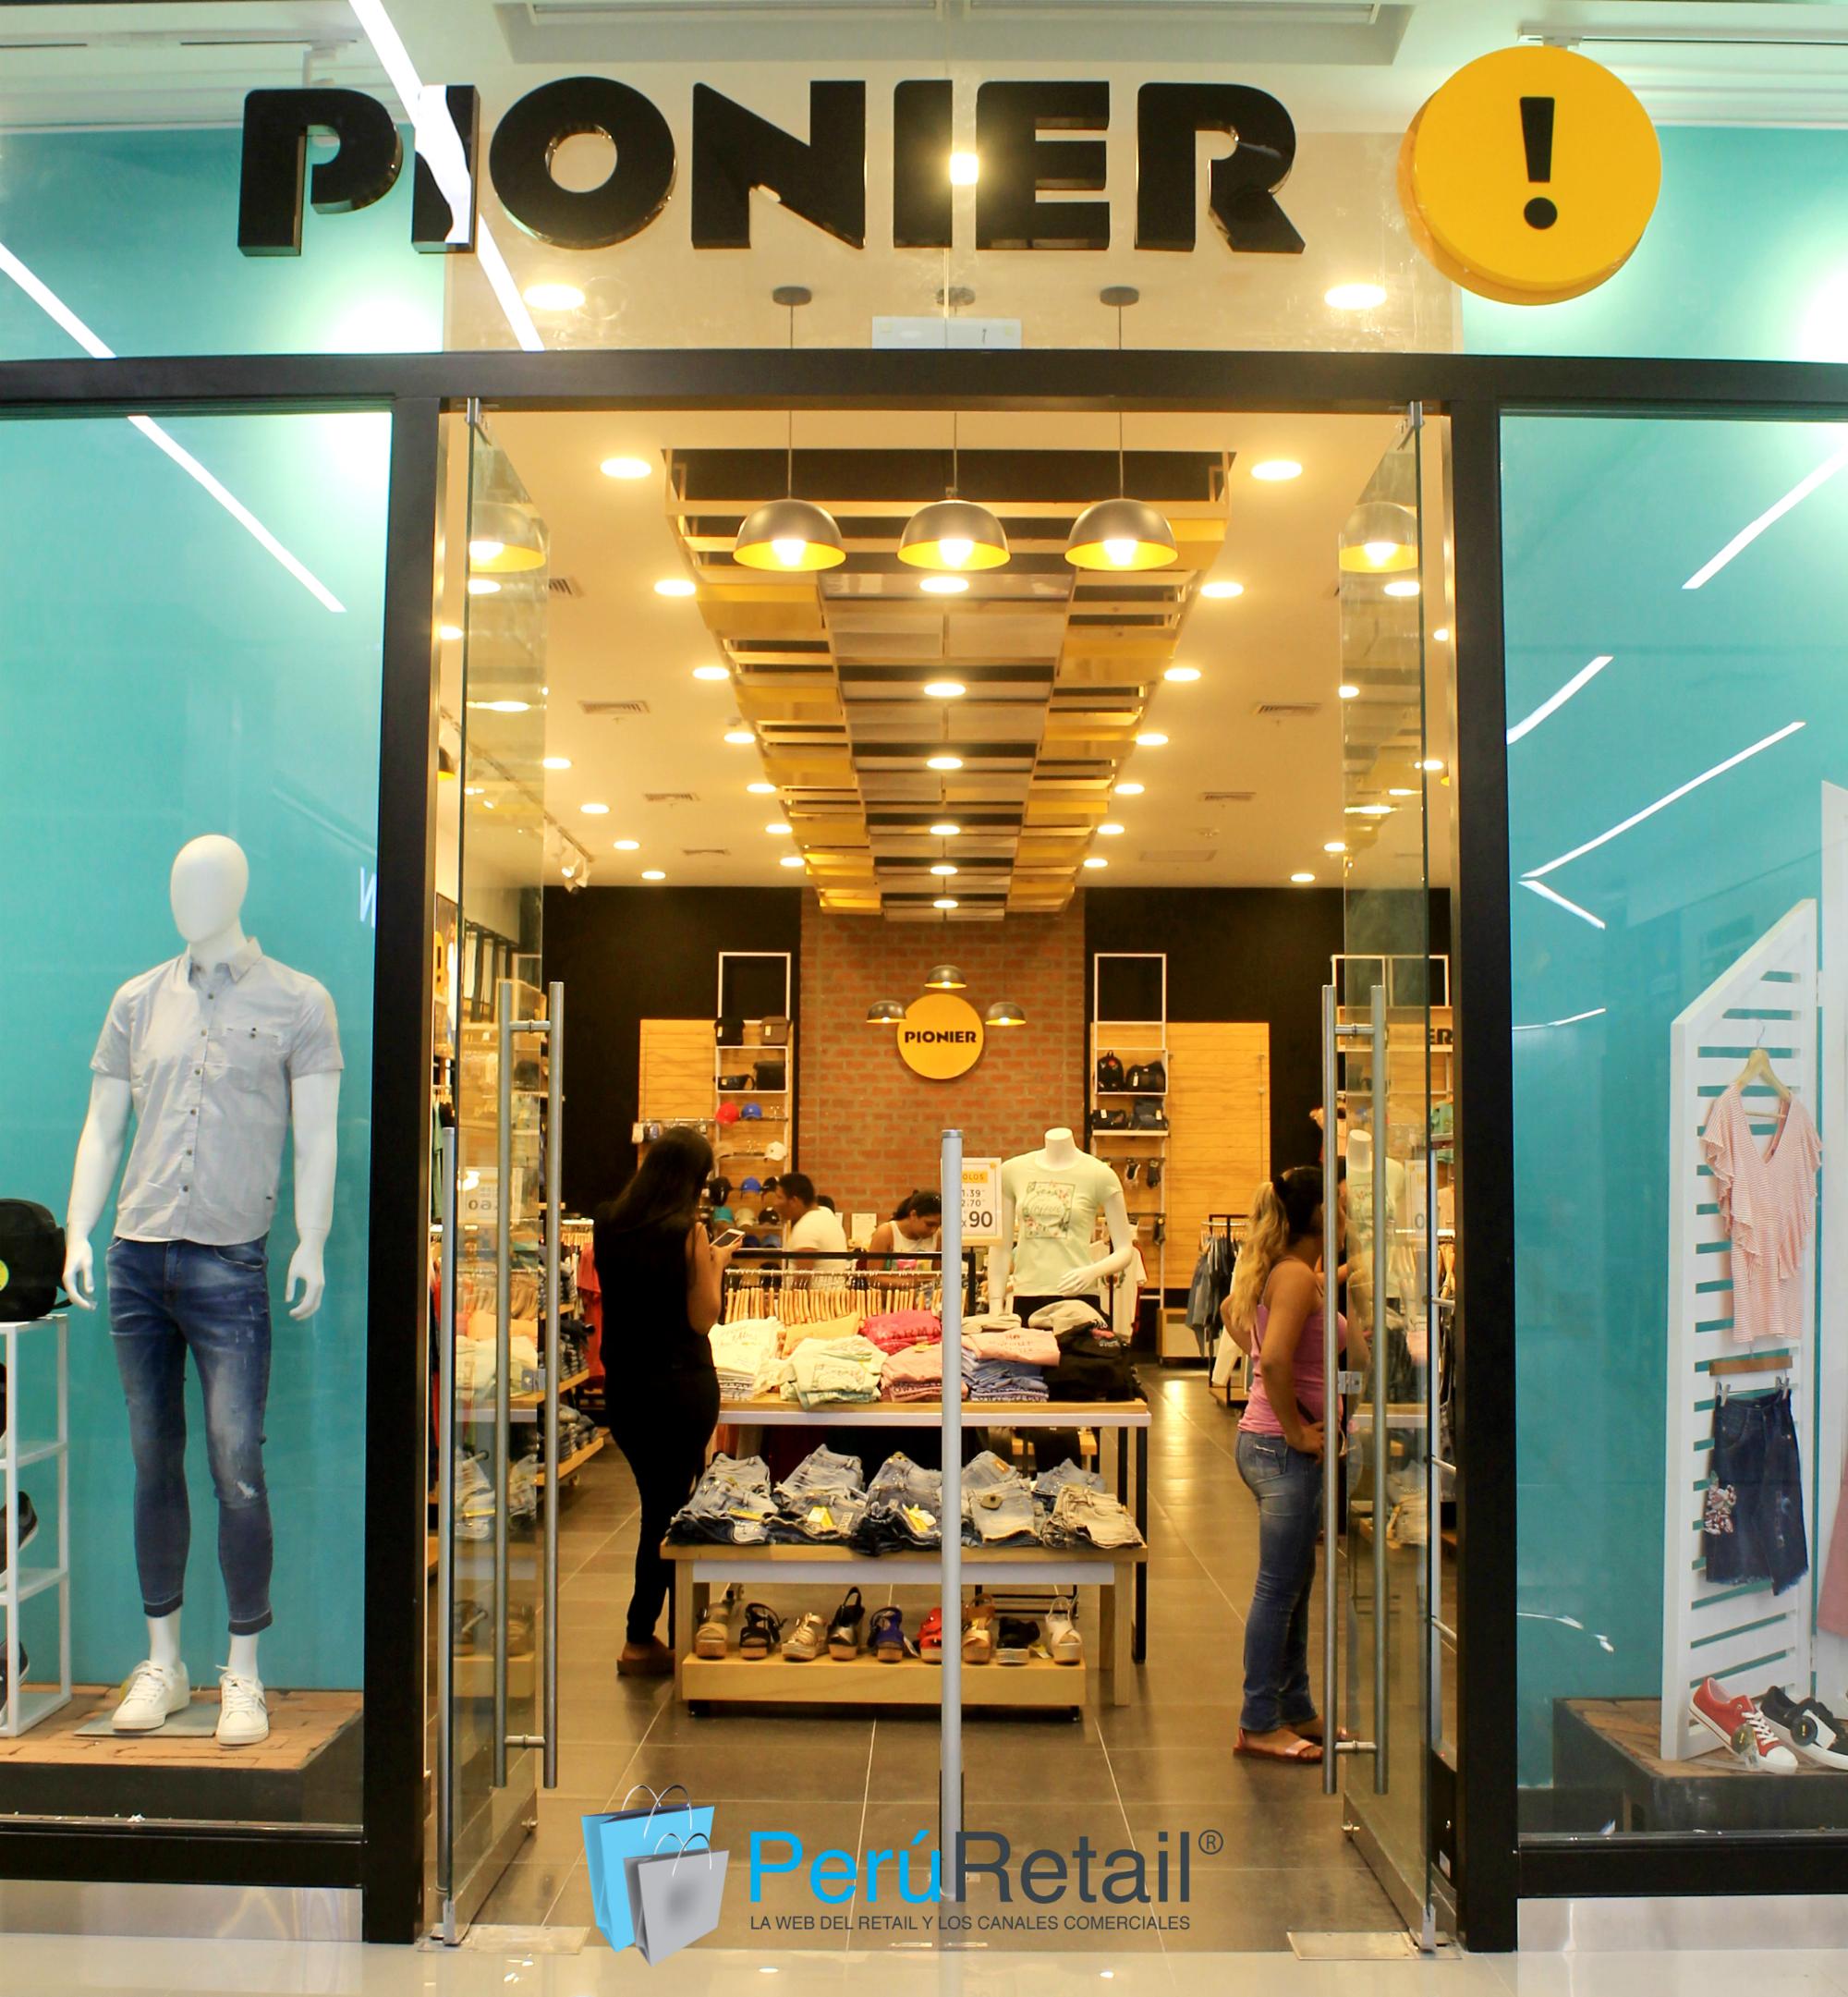 Pionier Tumbes Peru Retail - Grupo Pionier prevé facturar S/ 500.000 soles este año y apuesta por su canal online